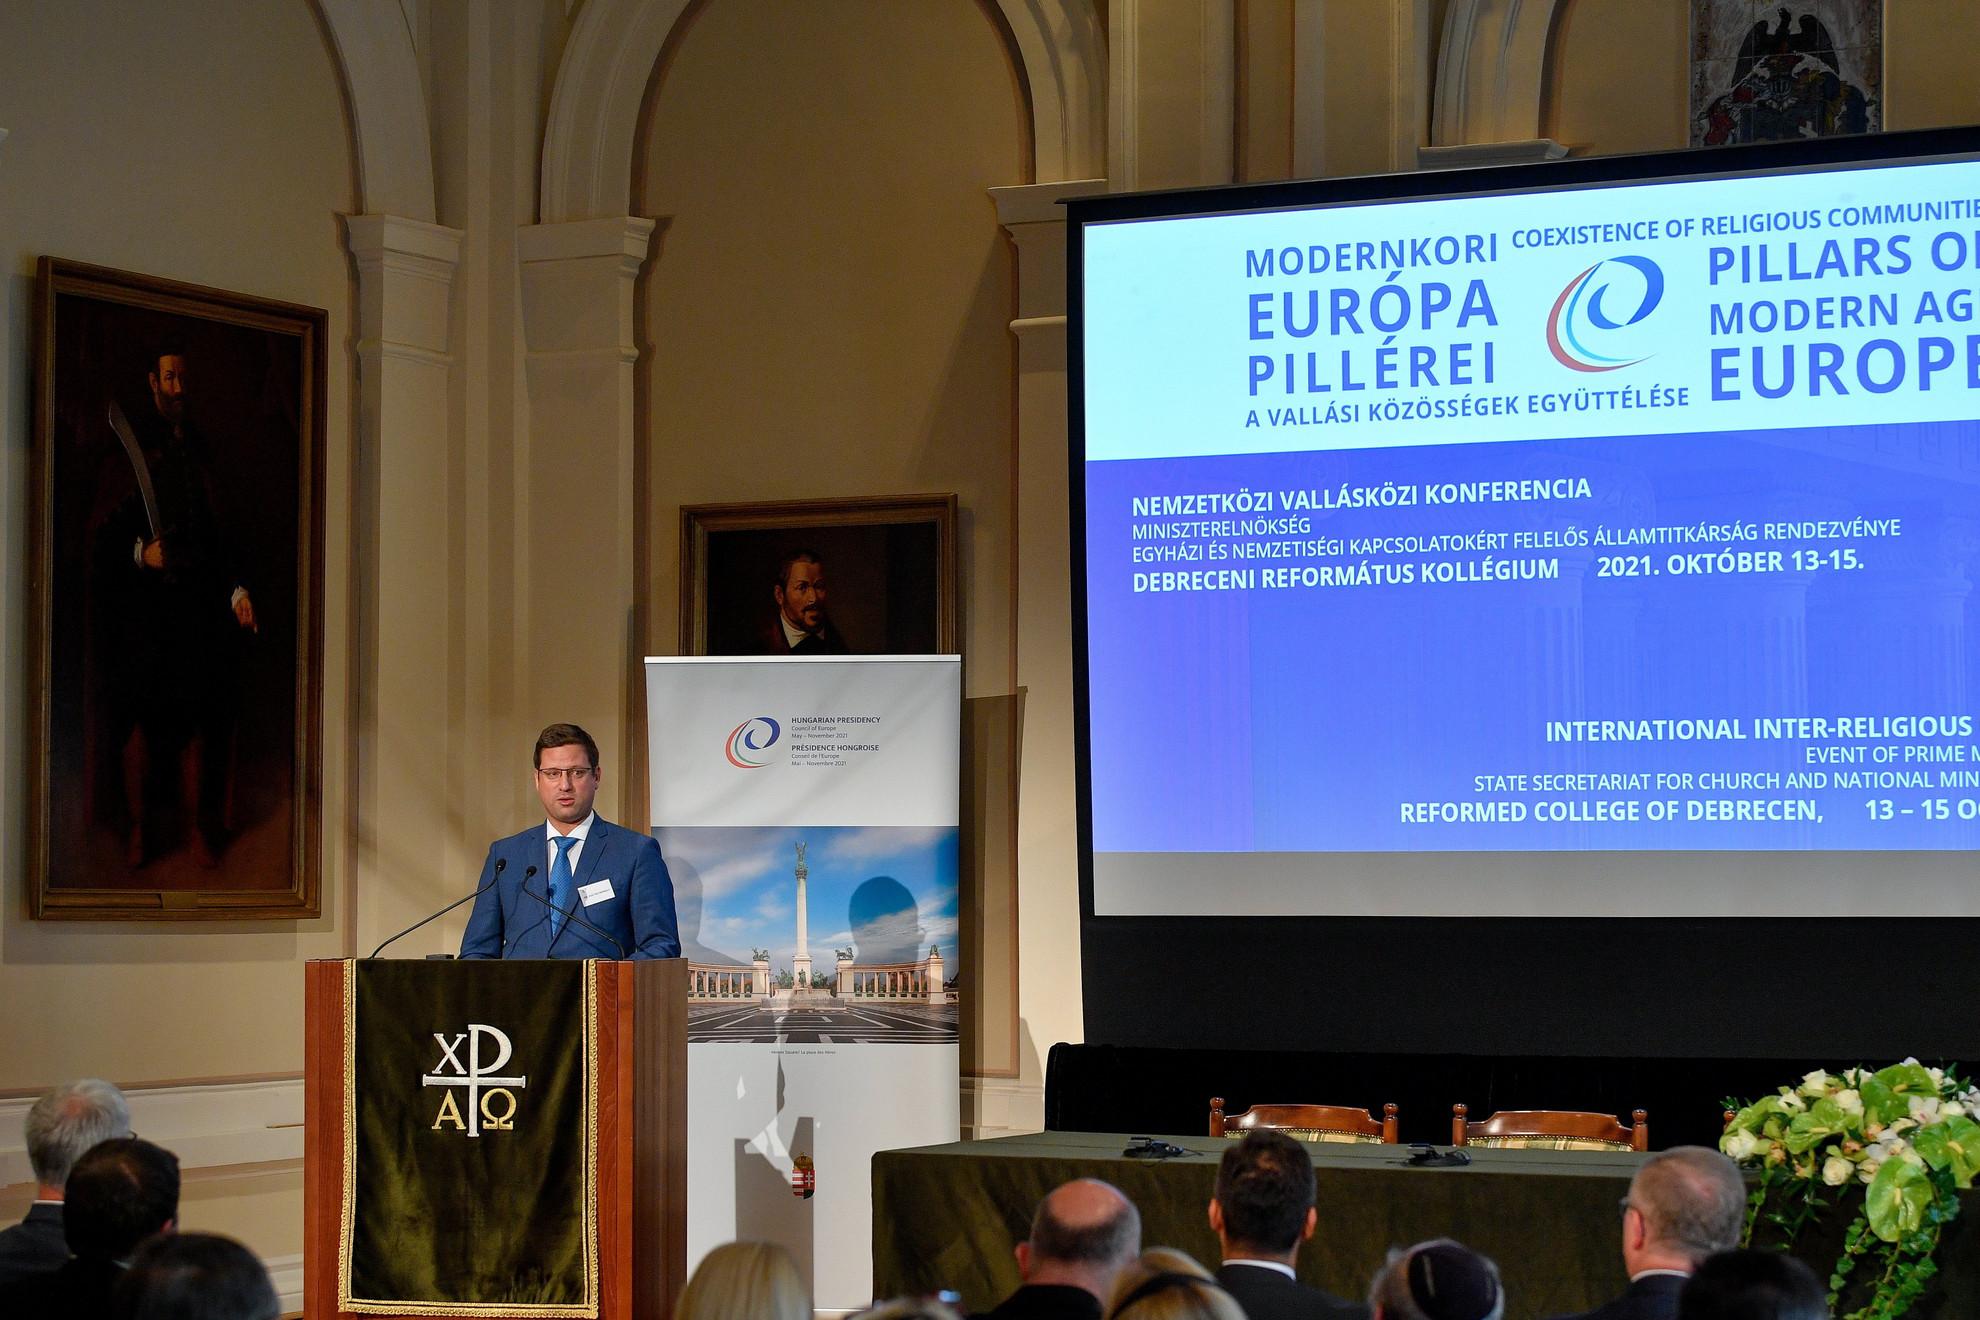 Gulyás Gergely, a Miniszterelnökséget vezető miniszter beszédet mond A modernkori Európa pillérei - a vallási közösségek együttélése című konferencián a Debreceni Református Kollégiumban